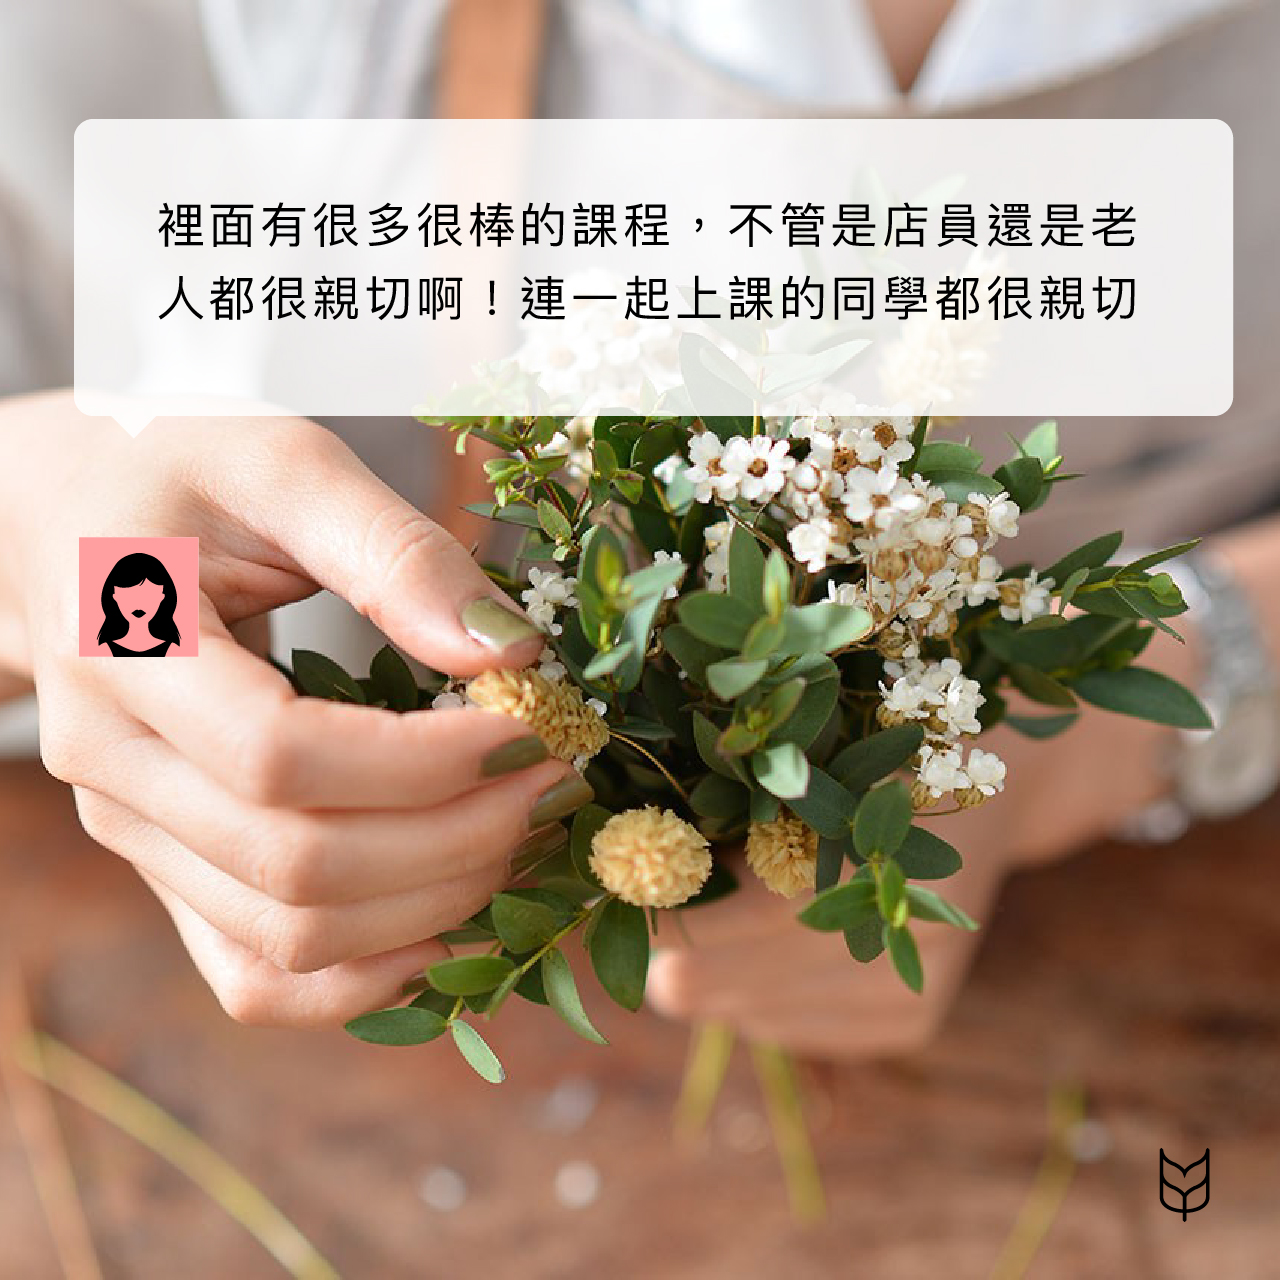 手作課程在台北!推薦給喜歡植物的妳 v1 01d